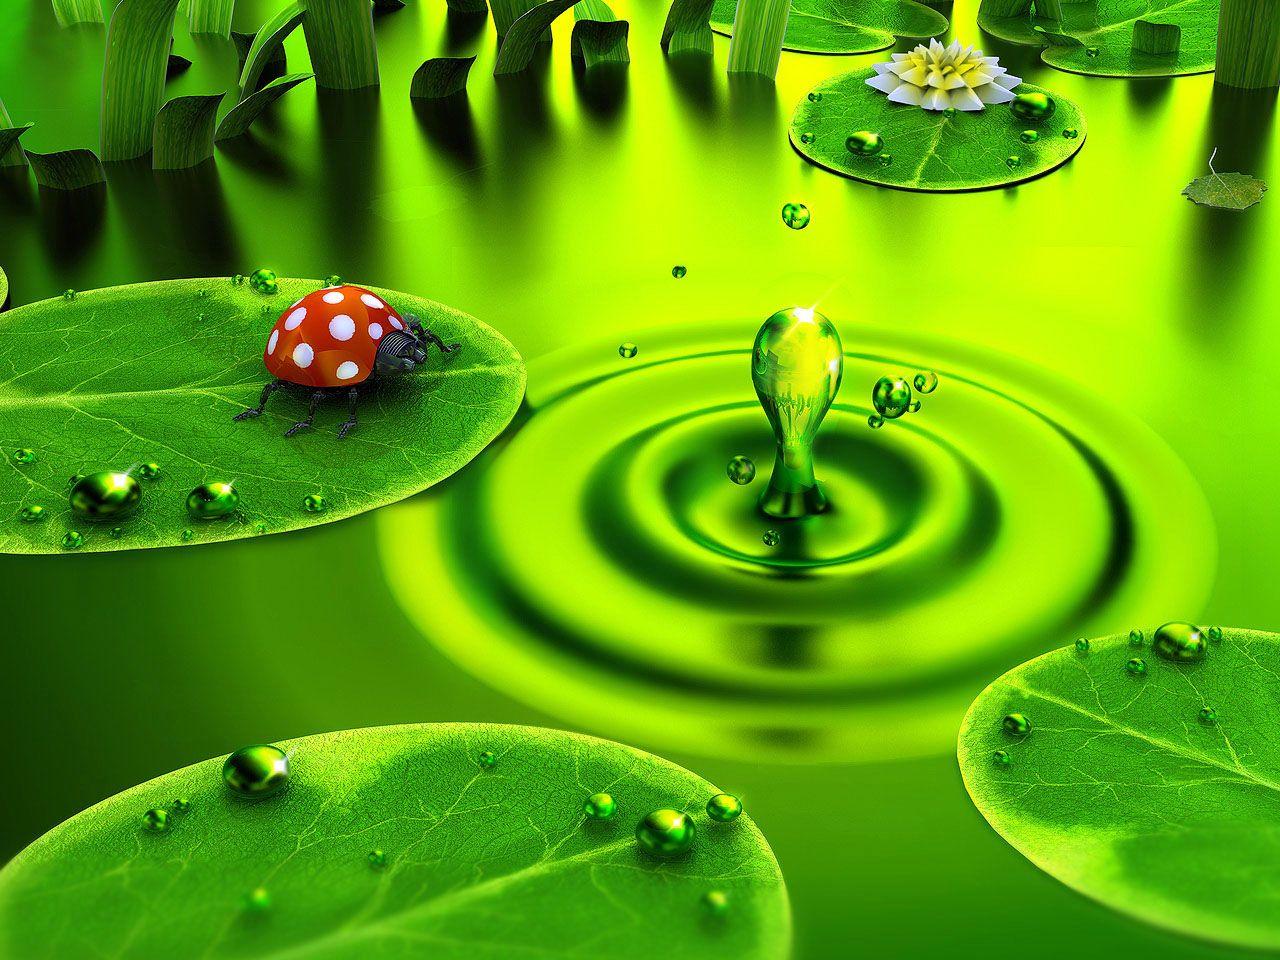 http://1.bp.blogspot.com/-83CQZezyFgQ/T8tw7SxadGI/AAAAAAAAEYY/RR7jZyaU4ac/s1600/3d-wallpaper-30.jpg